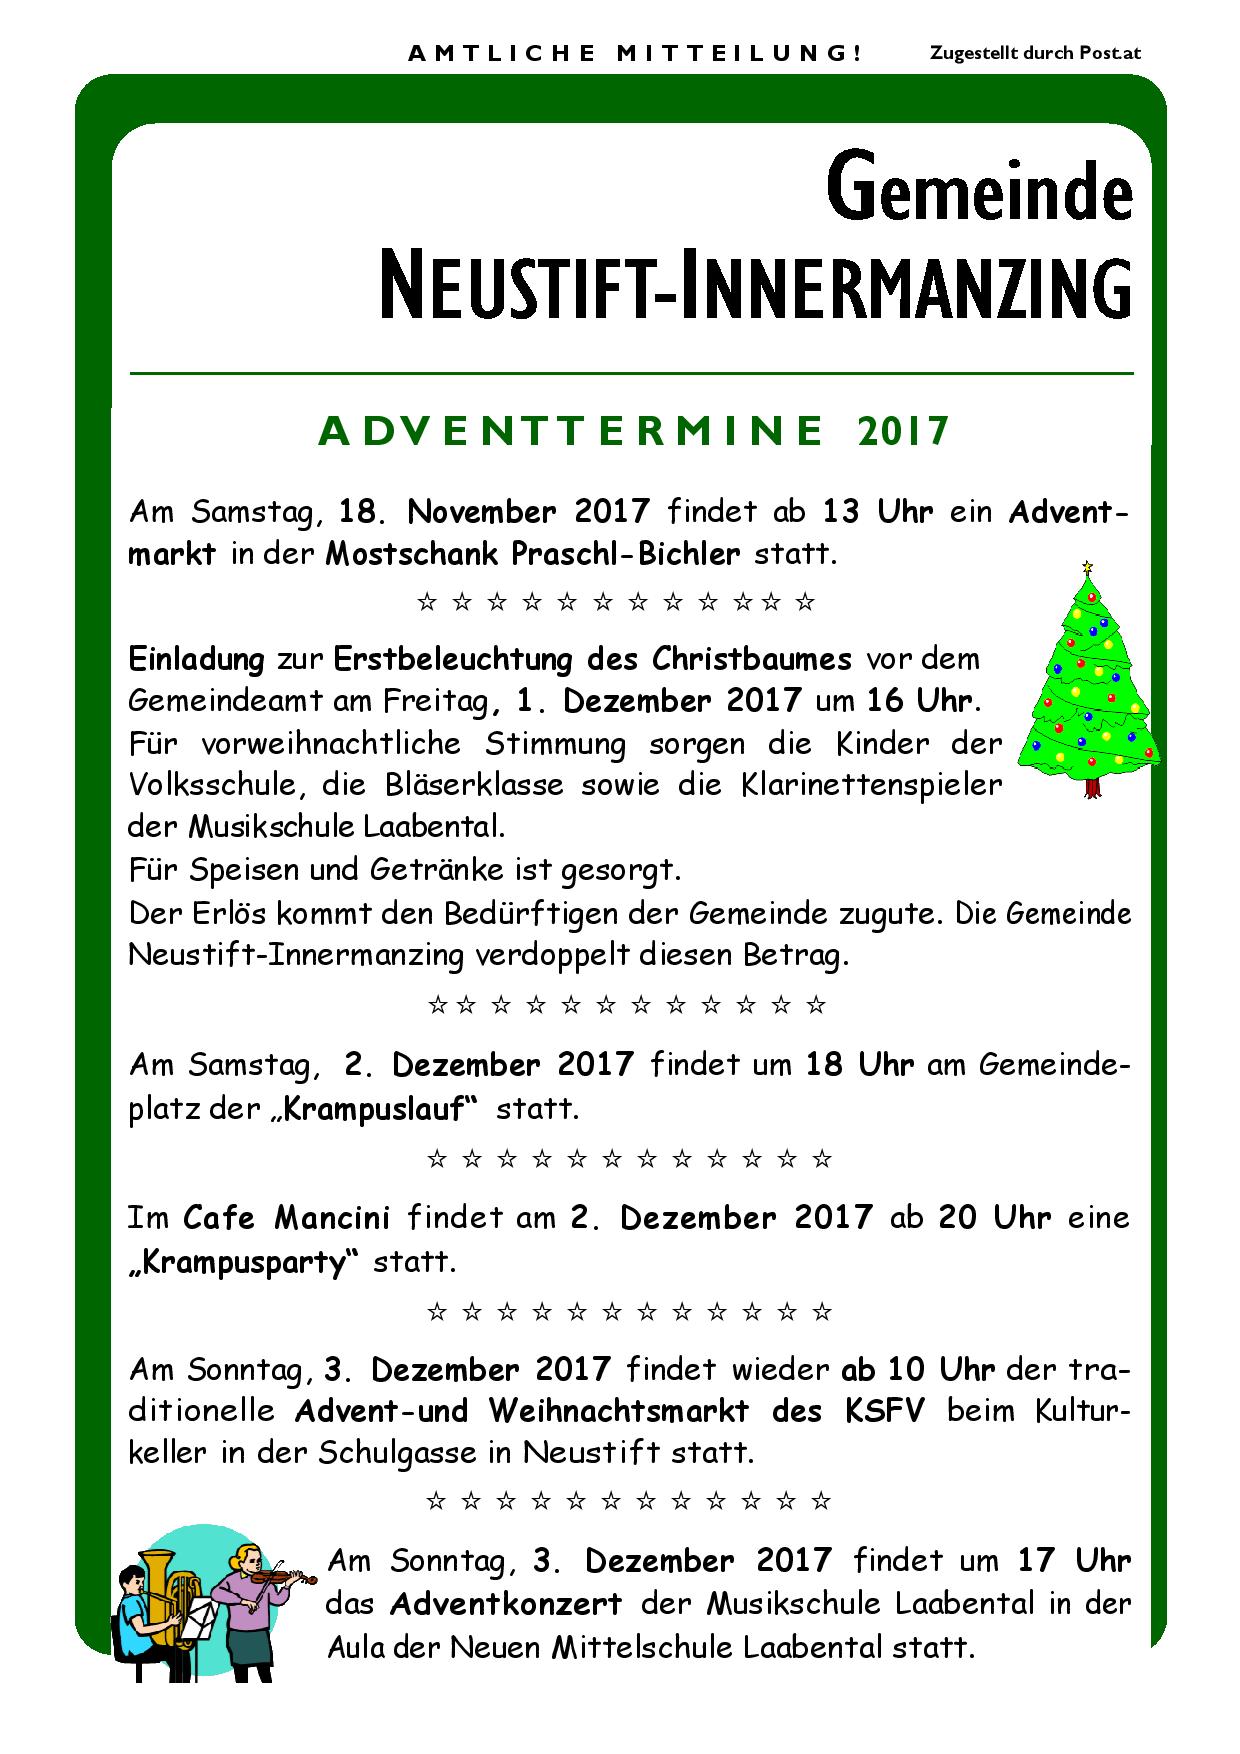 Gemeinde-Rundschreiben 2017 Advent - Offizielle Website der ...